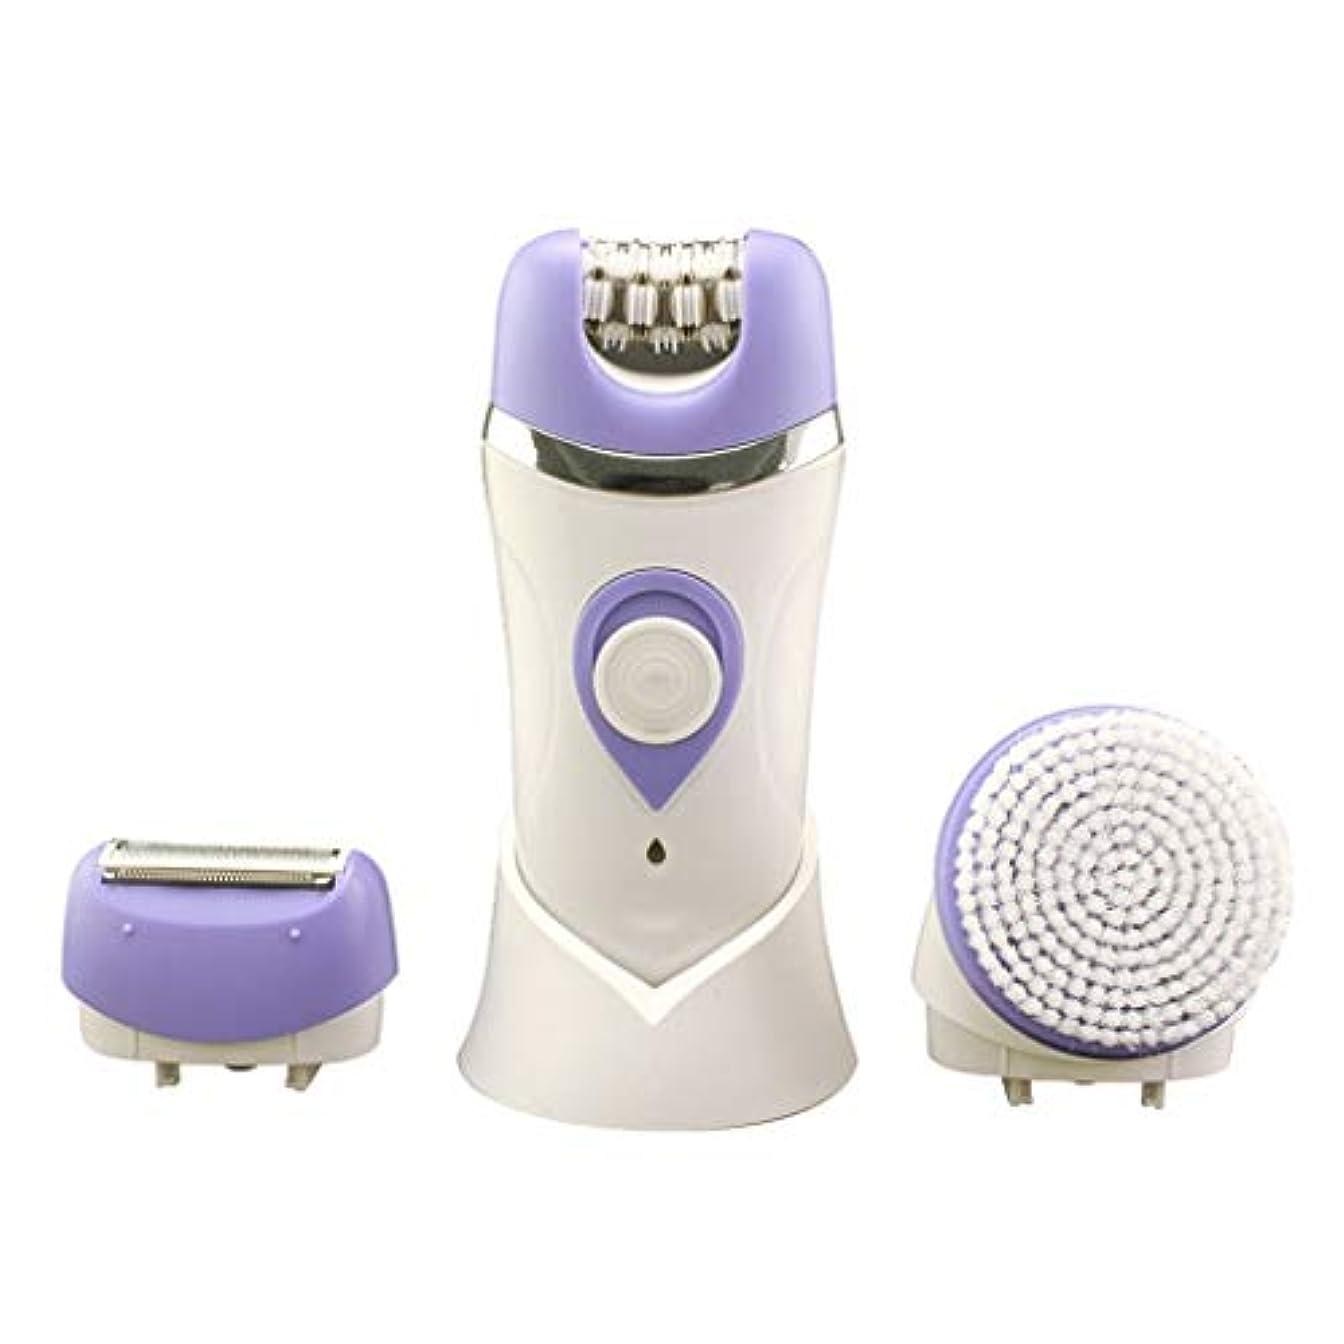 可能彼女の召喚する女性用電気かみそり、女性用充電式防水脱毛器3 in 1多機能は、足と体から余分な髪を取り除きます (Color : Purple)